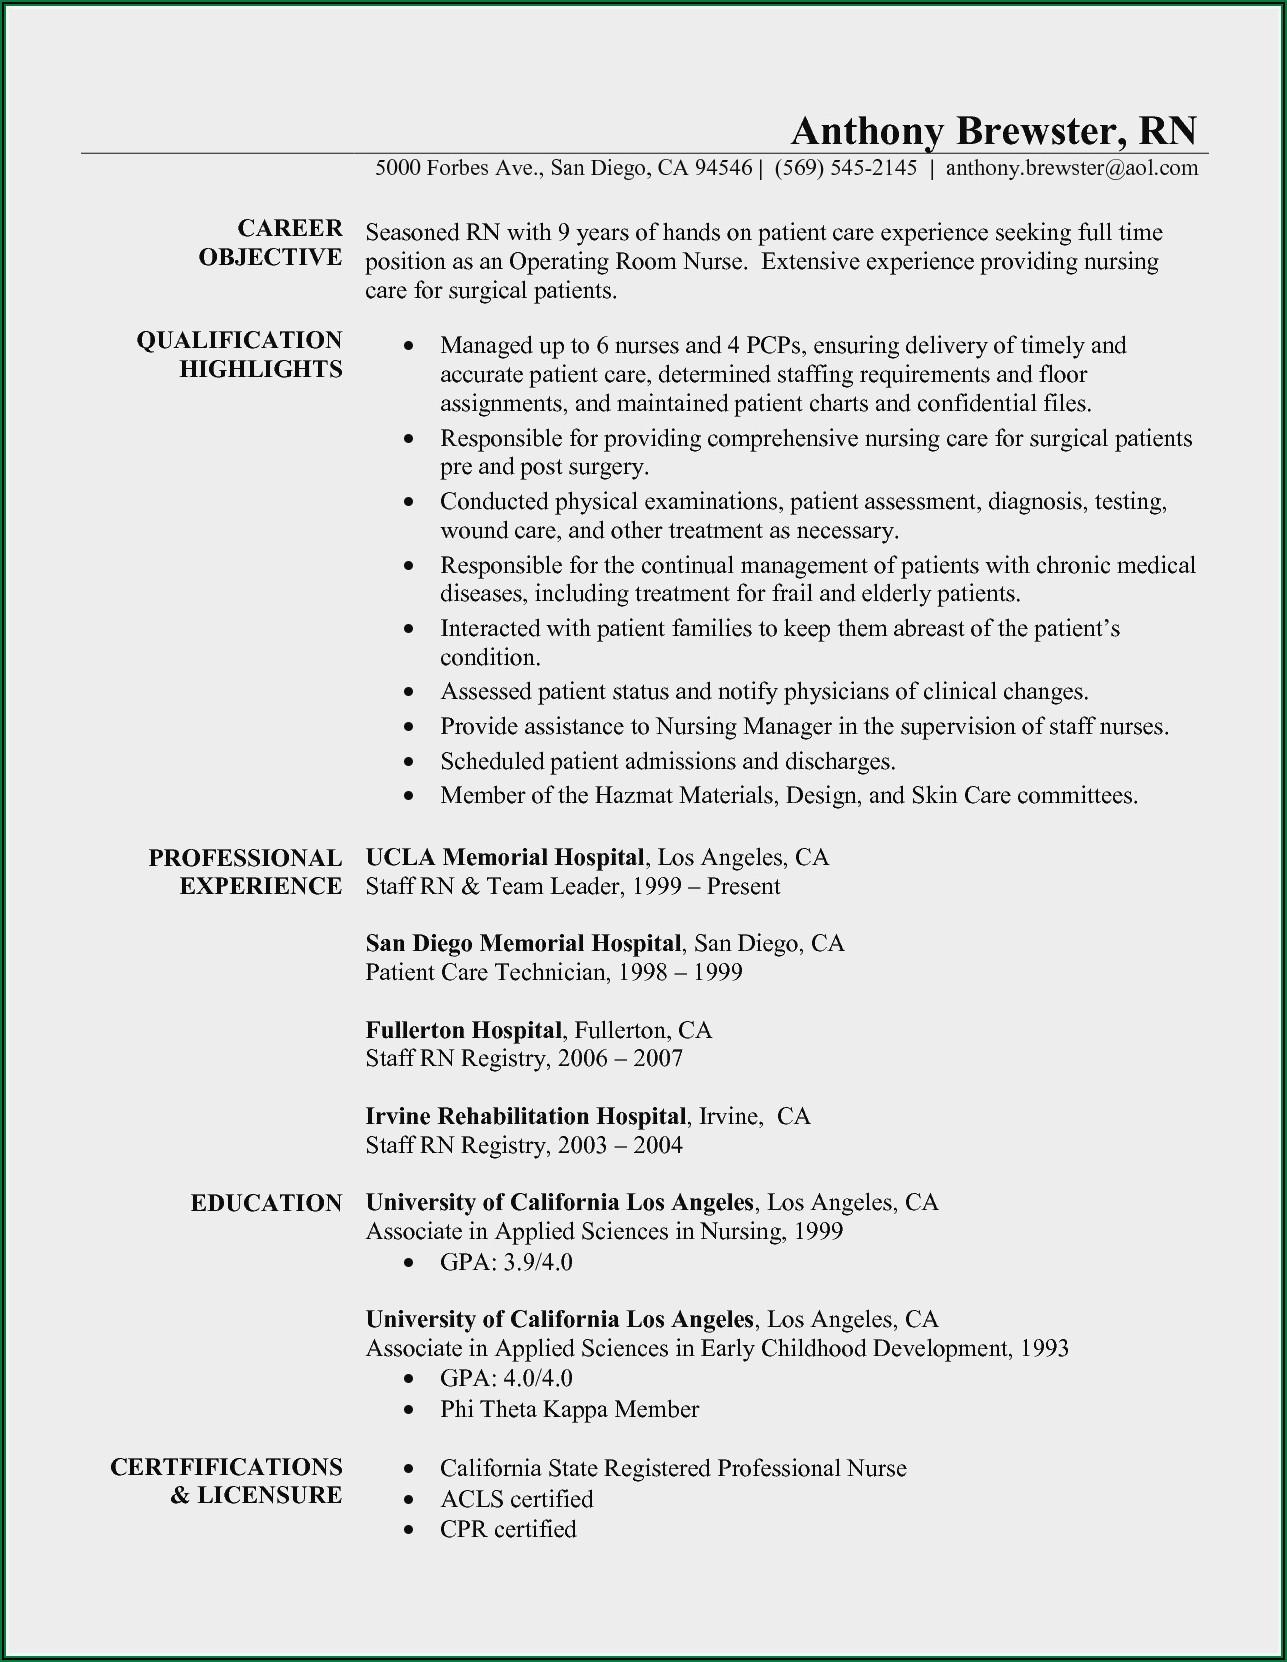 Curriculum Vitae For Nursing Assistant